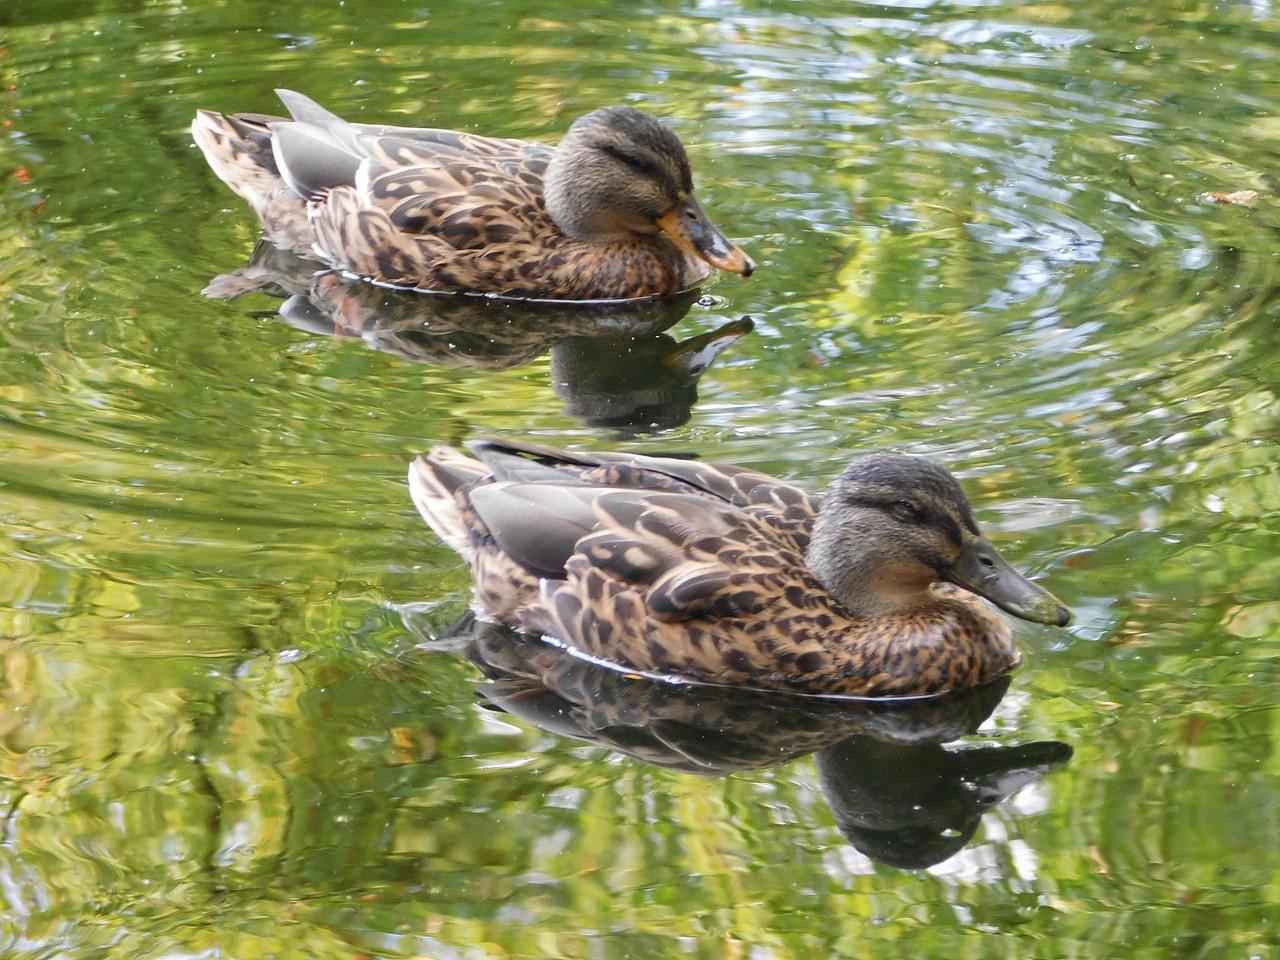 ducks-1606390_1280.jpg